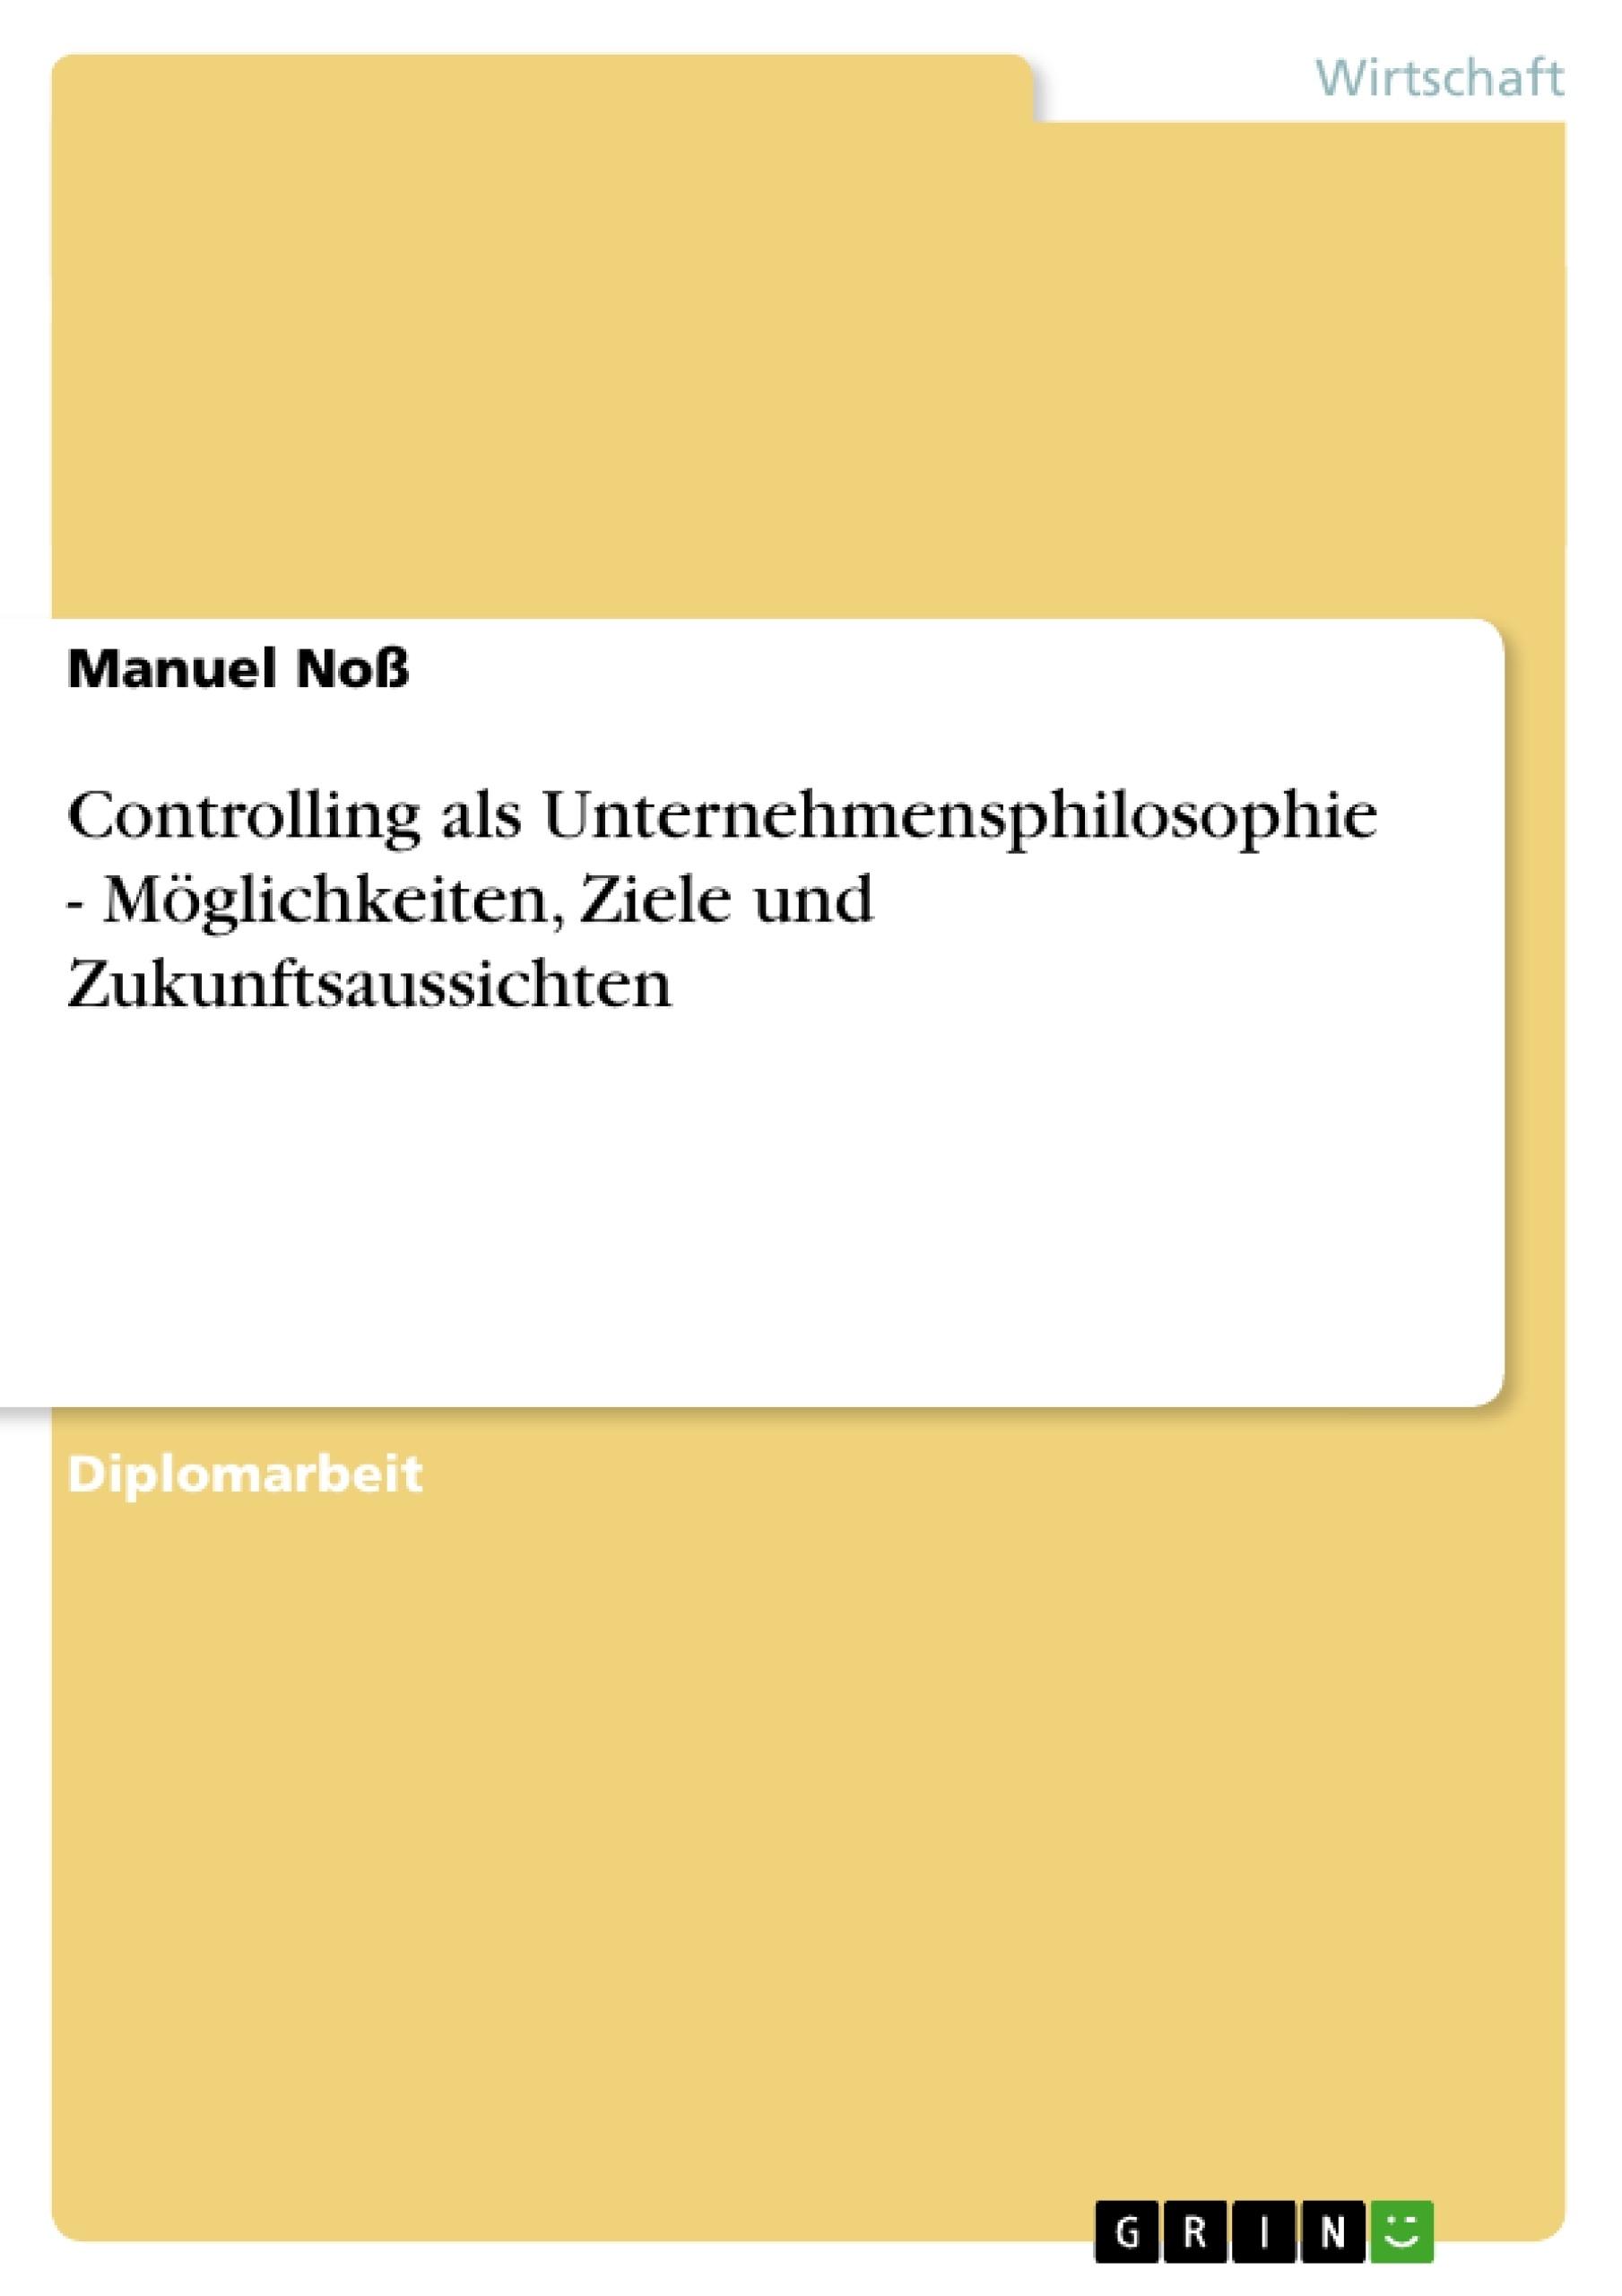 Titel: Controlling als Unternehmensphilosophie - Möglichkeiten, Ziele und Zukunftsaussichten